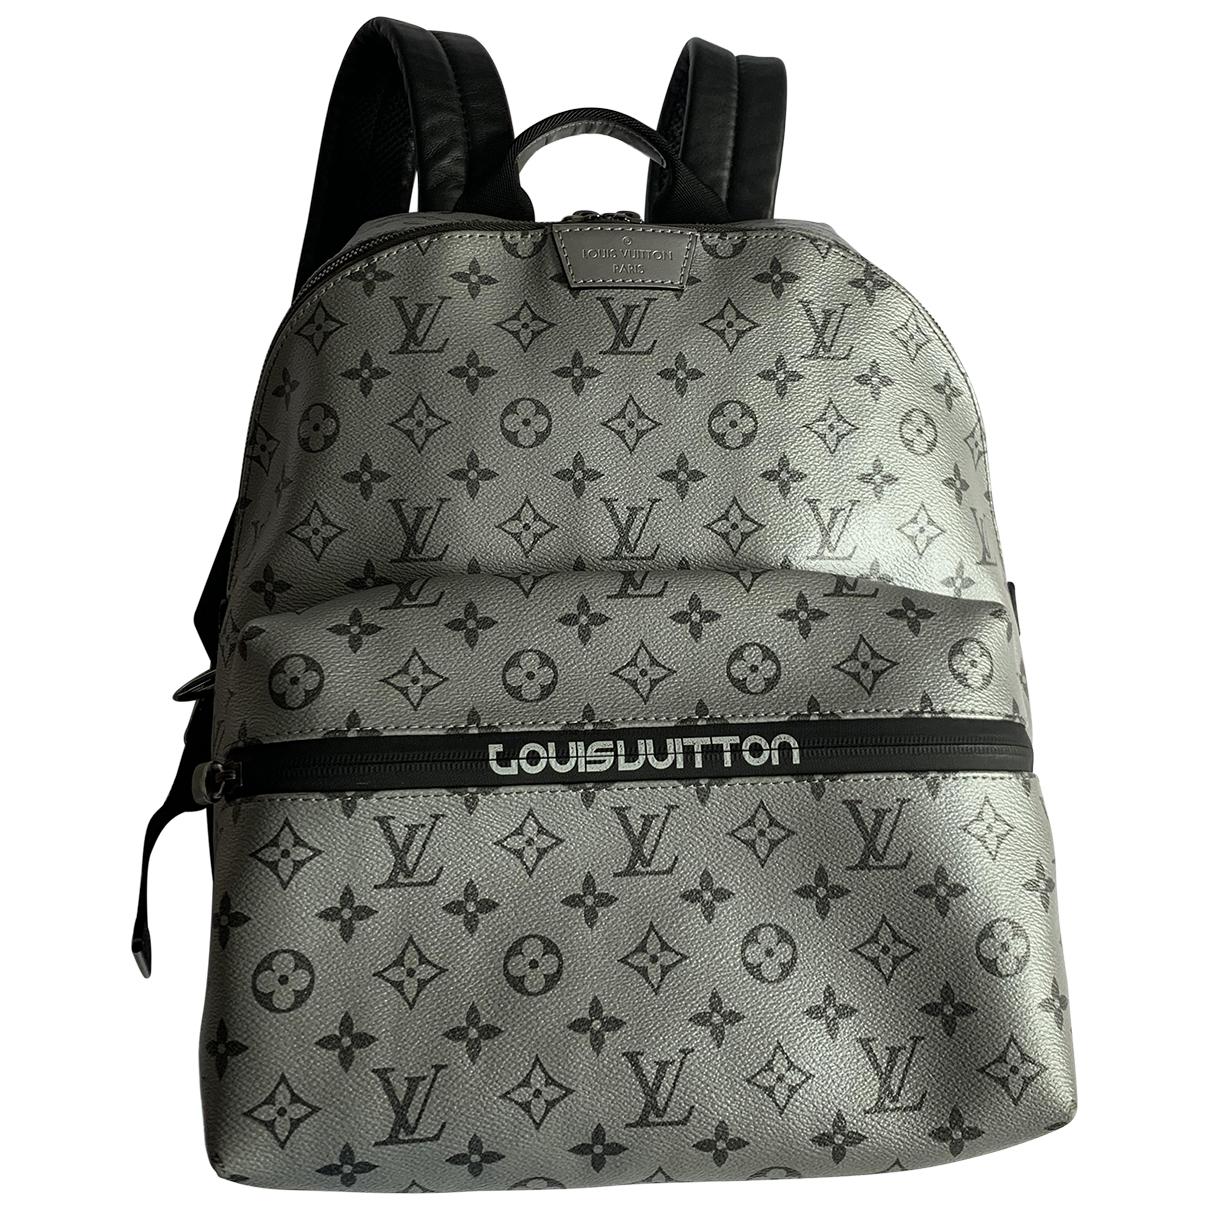 Louis Vuitton - Sac Apollo Backpack pour homme en toile - argente